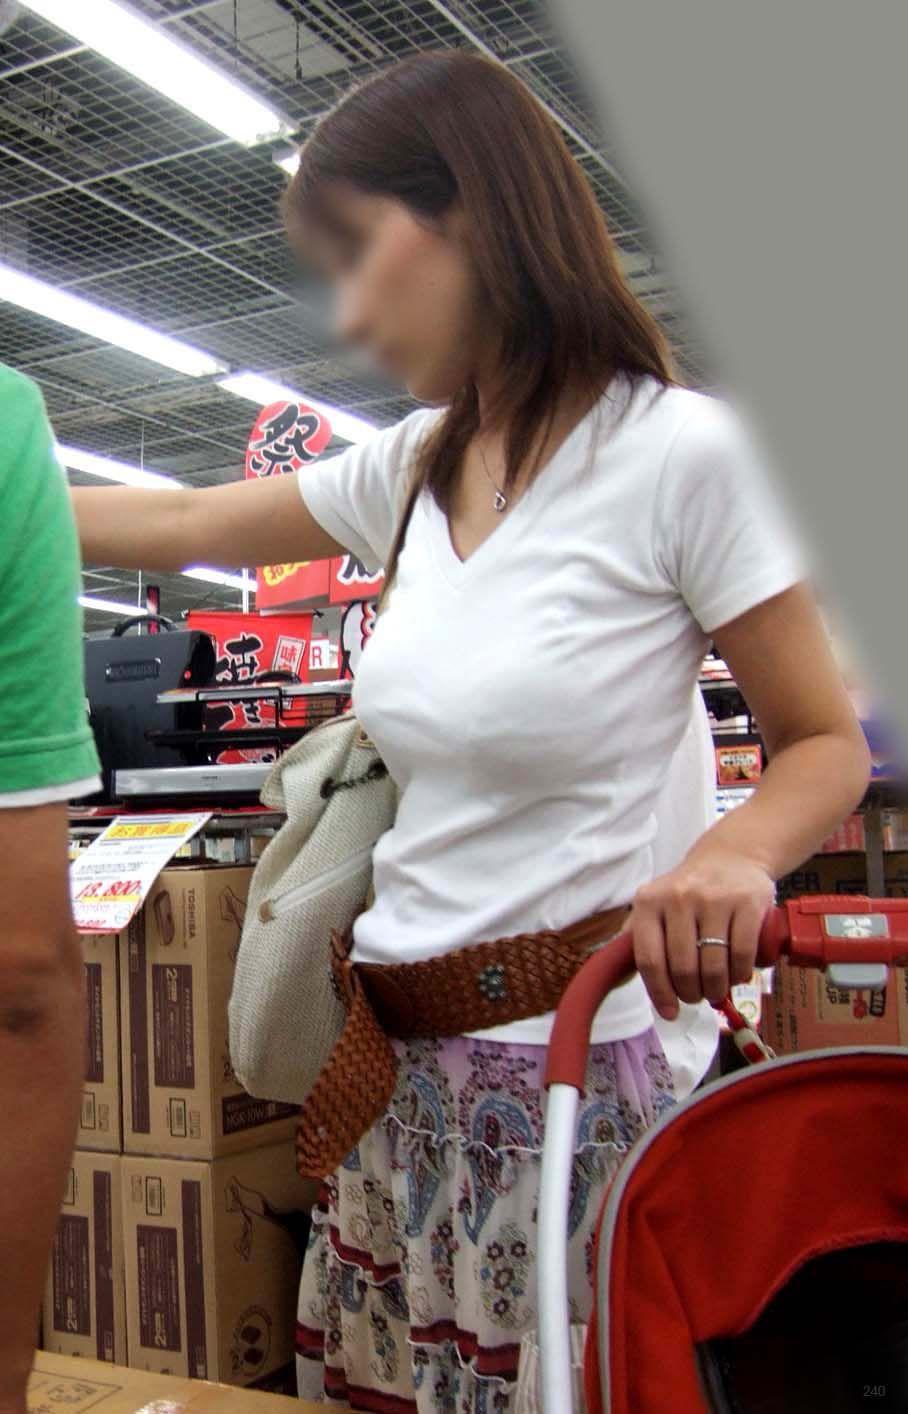 着衣巨乳の子連れ人妻 (9)